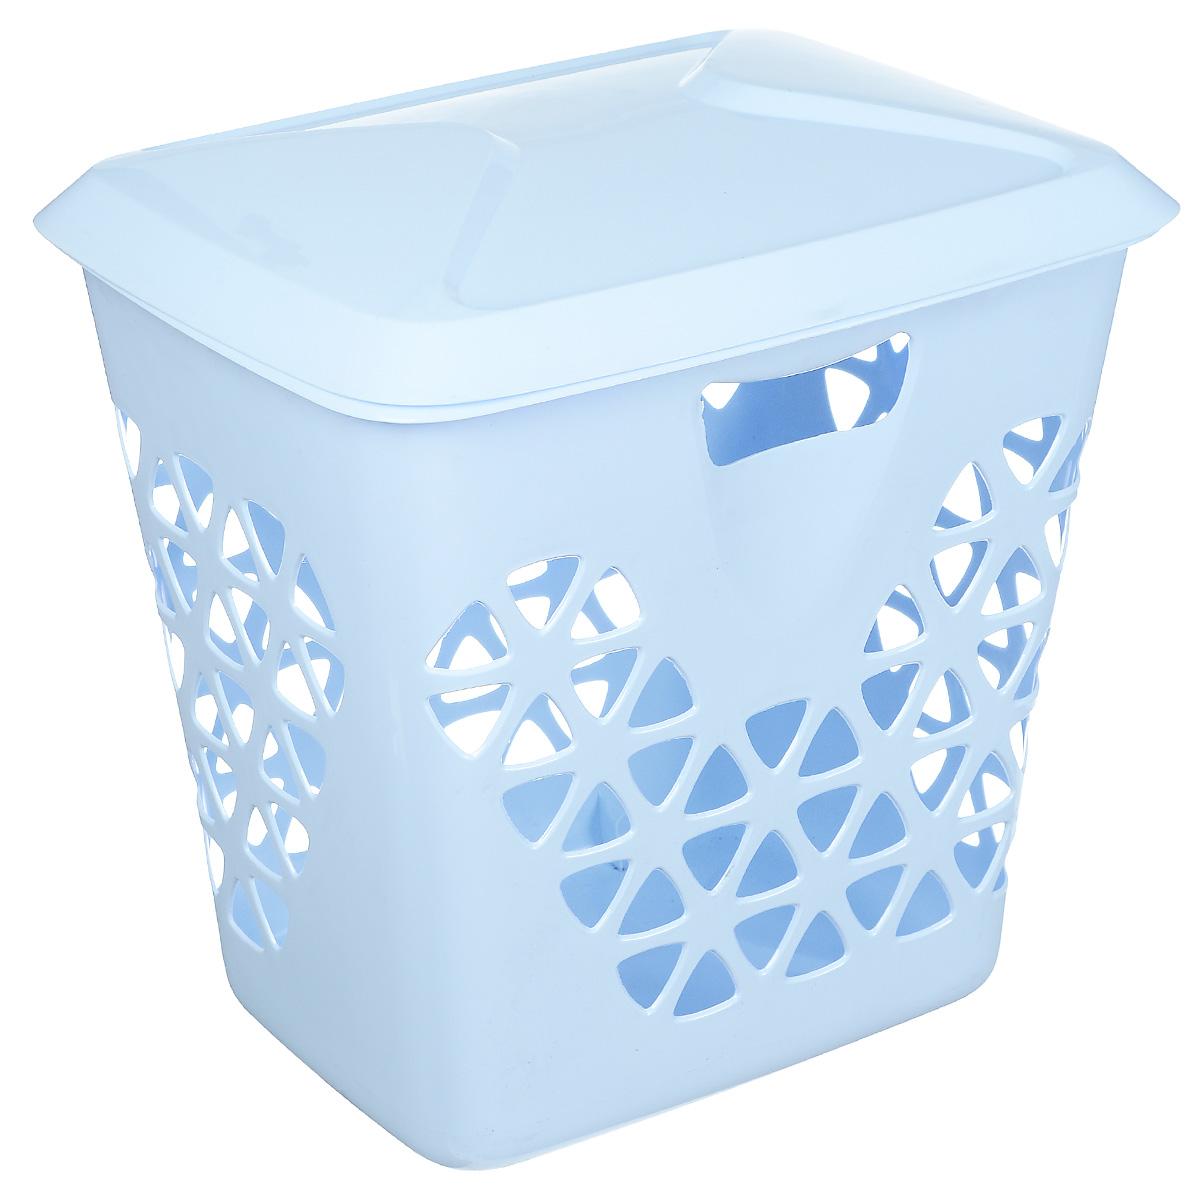 Корзина для белья Idea Венеция, цвет: голубой, 45 лМ 2605Вместительная корзина для белья Idea Венеция изготовлена из прочного пластика. Она отлично подойдет для хранения белья перед стиркой. Специальные отверстия на стенках создают идеальные условия для проветривания. Изделие оснащено крышкой. Такая корзина для белья прекрасно впишется в интерьер ванной комнаты.